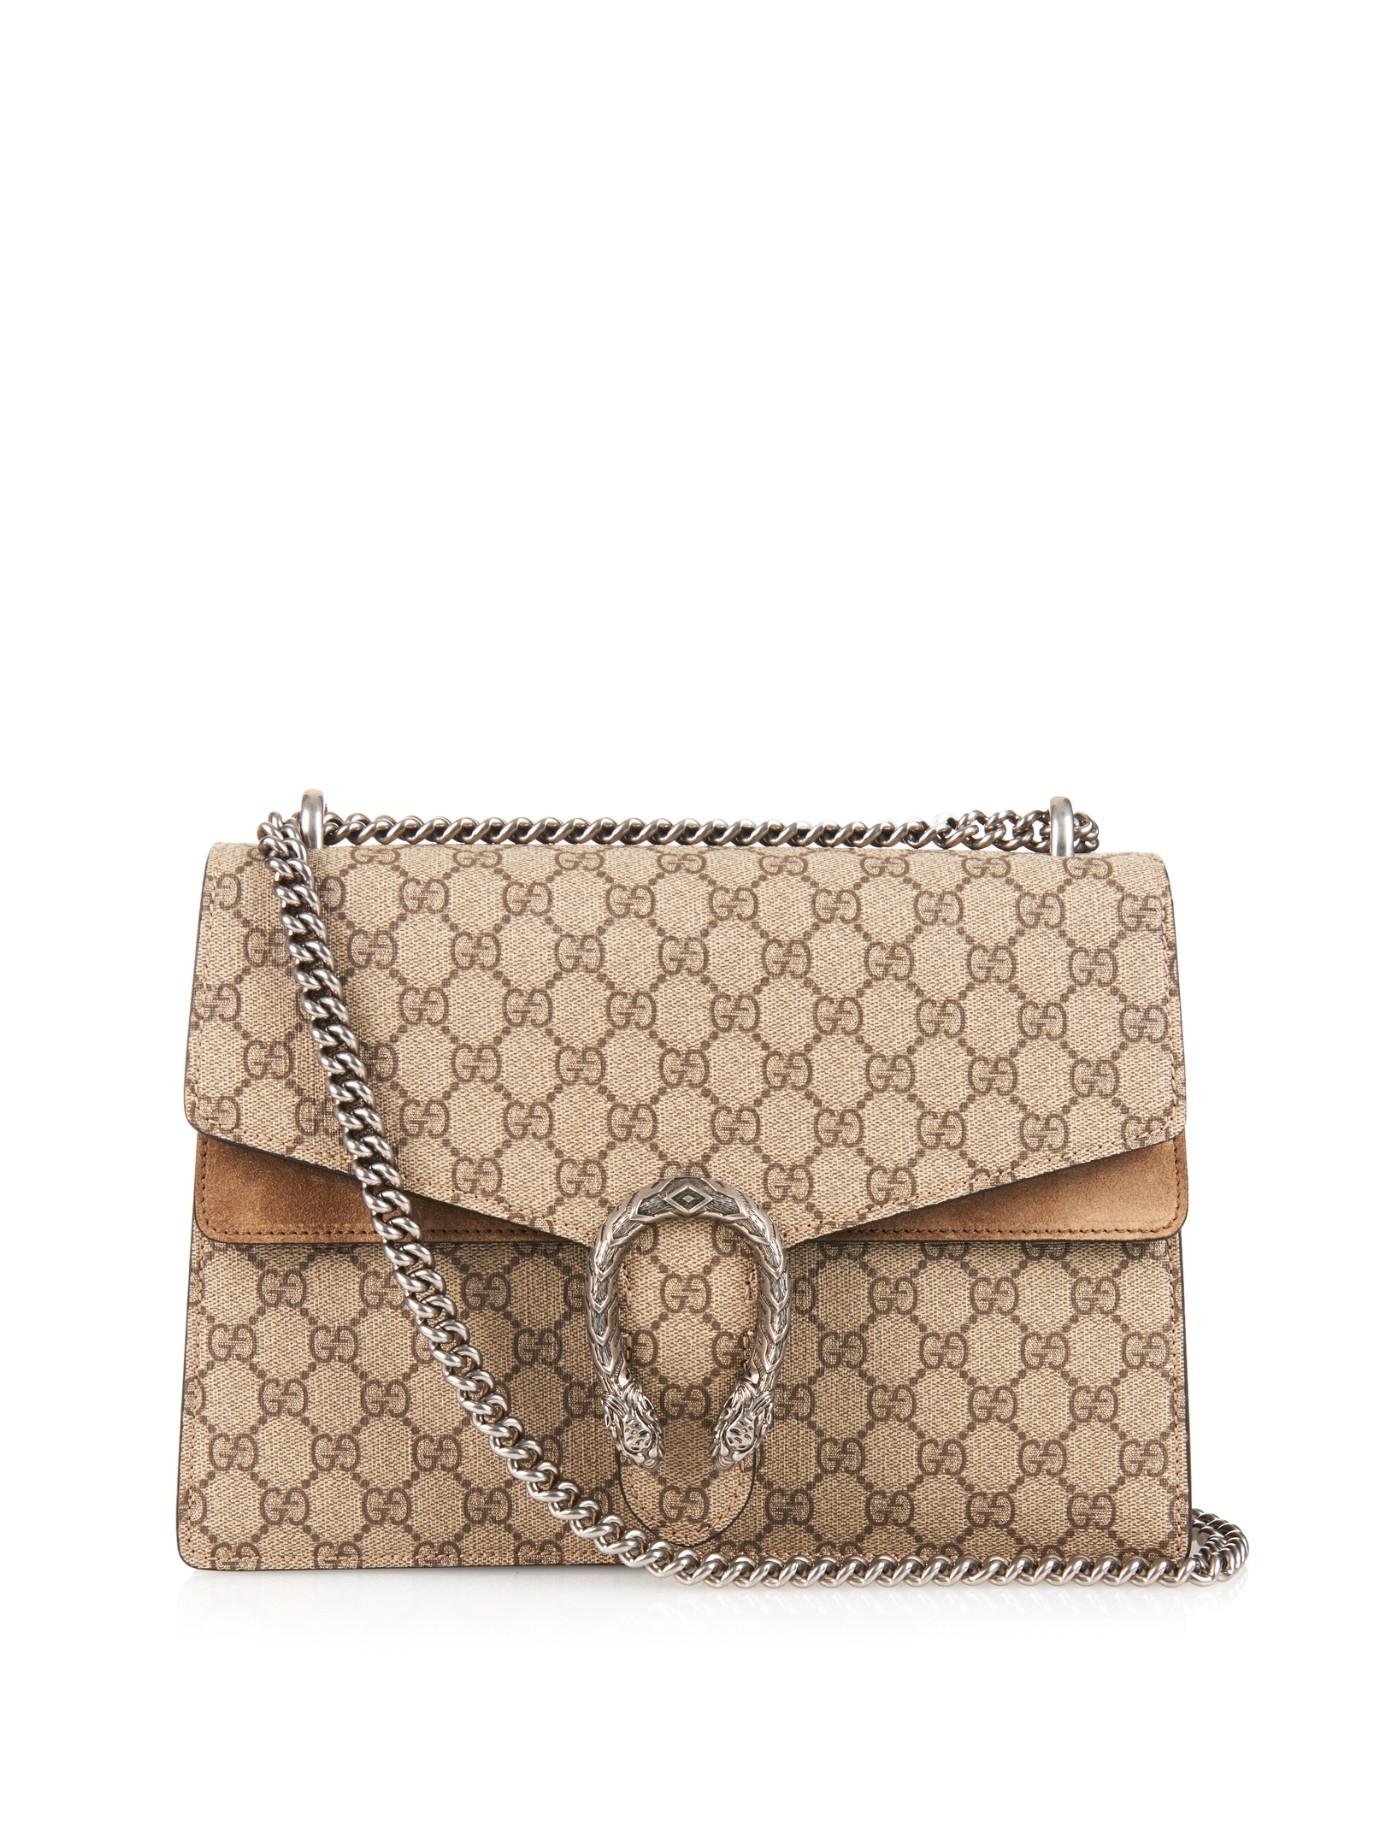 5ede3d7623337d Gucci Dionysus Gg Supreme Canvas Shoulder Bag in Natural - Lyst